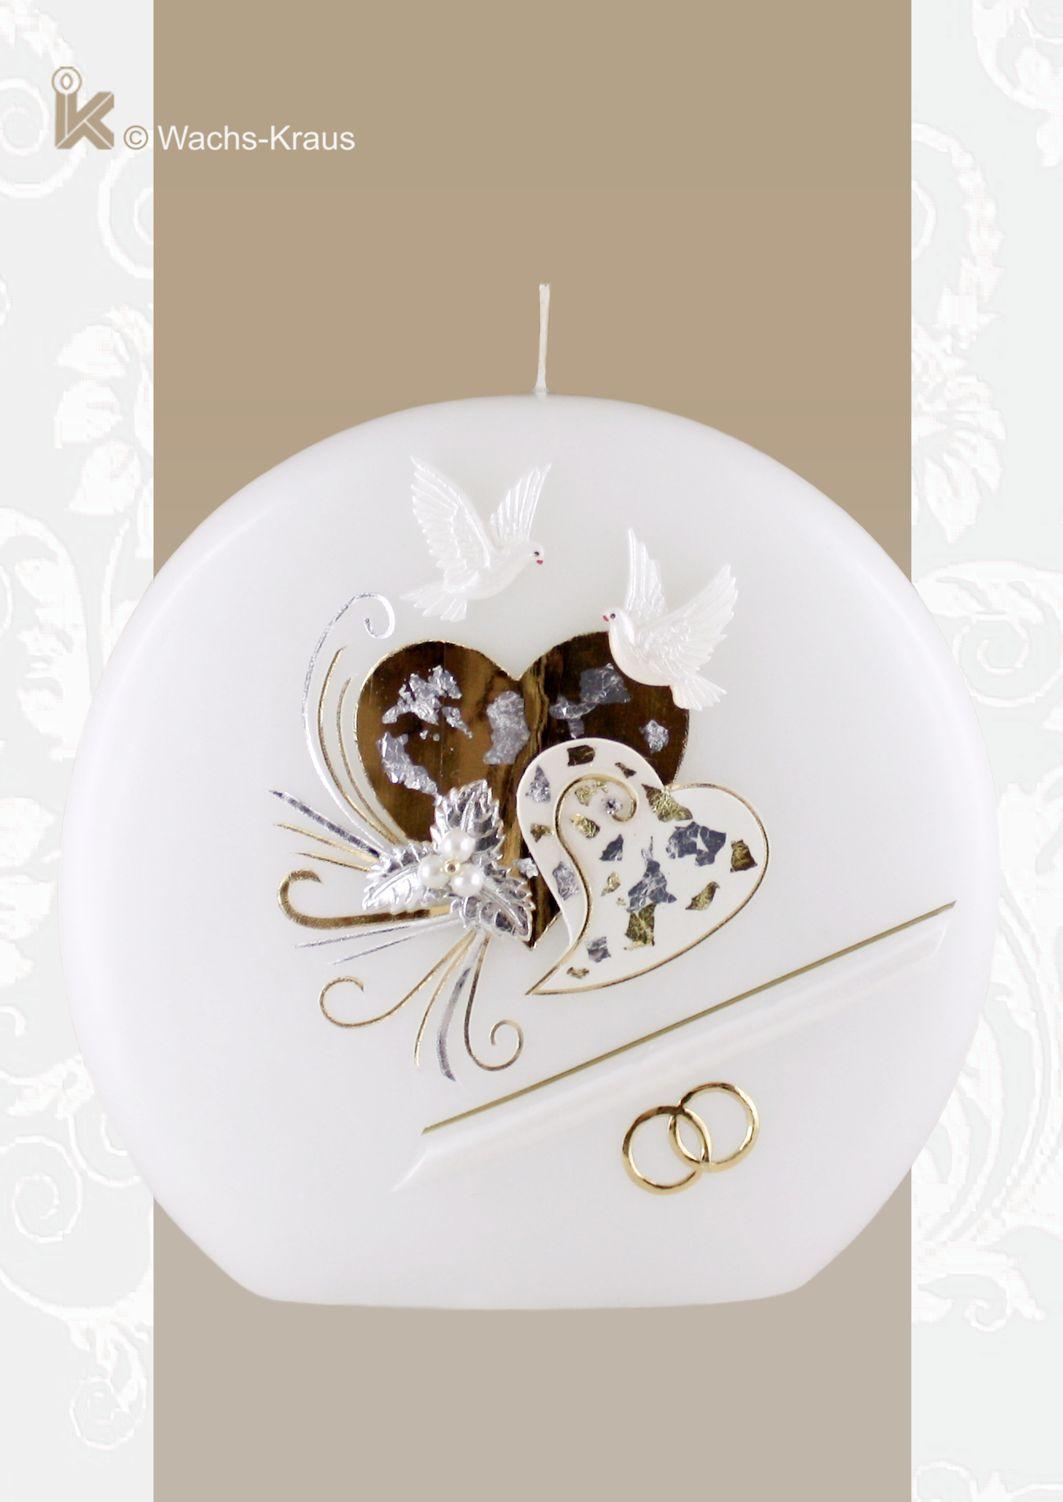 Wunderbar verspielt: Hochzeitskerze zwei Herzen, Gold-Silber, Scheibe